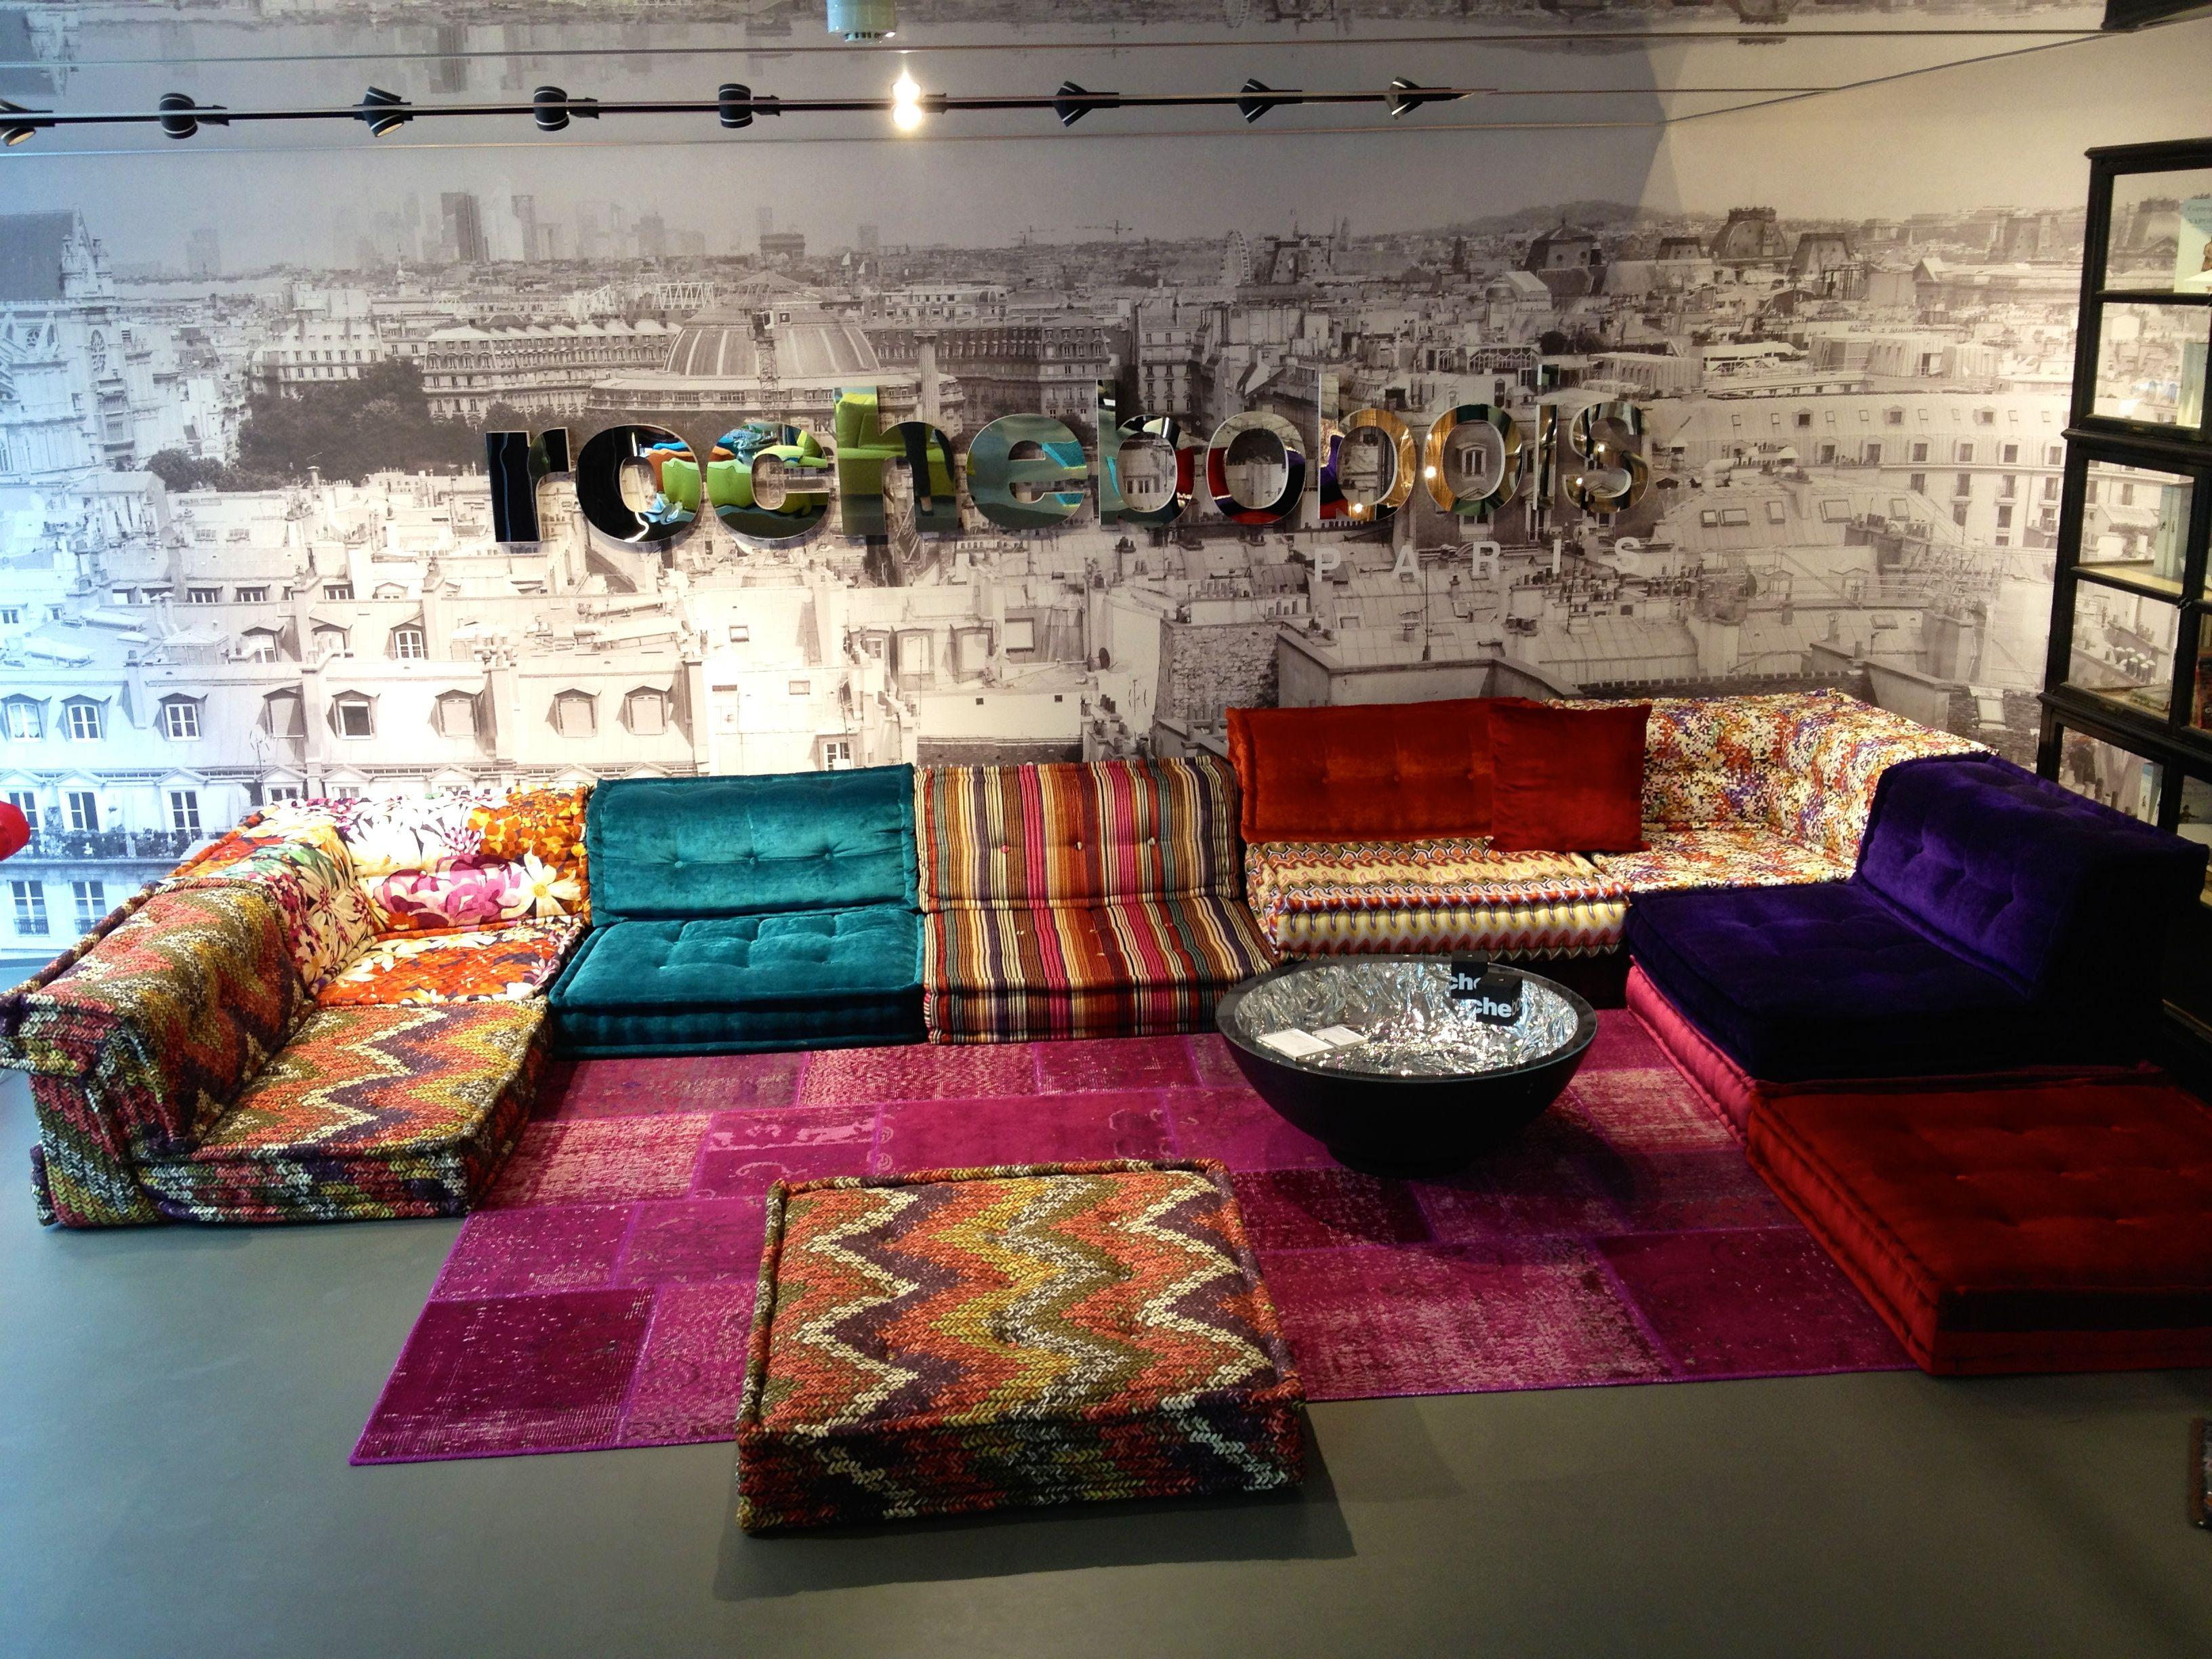 sofa mah jong roche bobois precio 300 cm breit from the showroom in münich von der tann